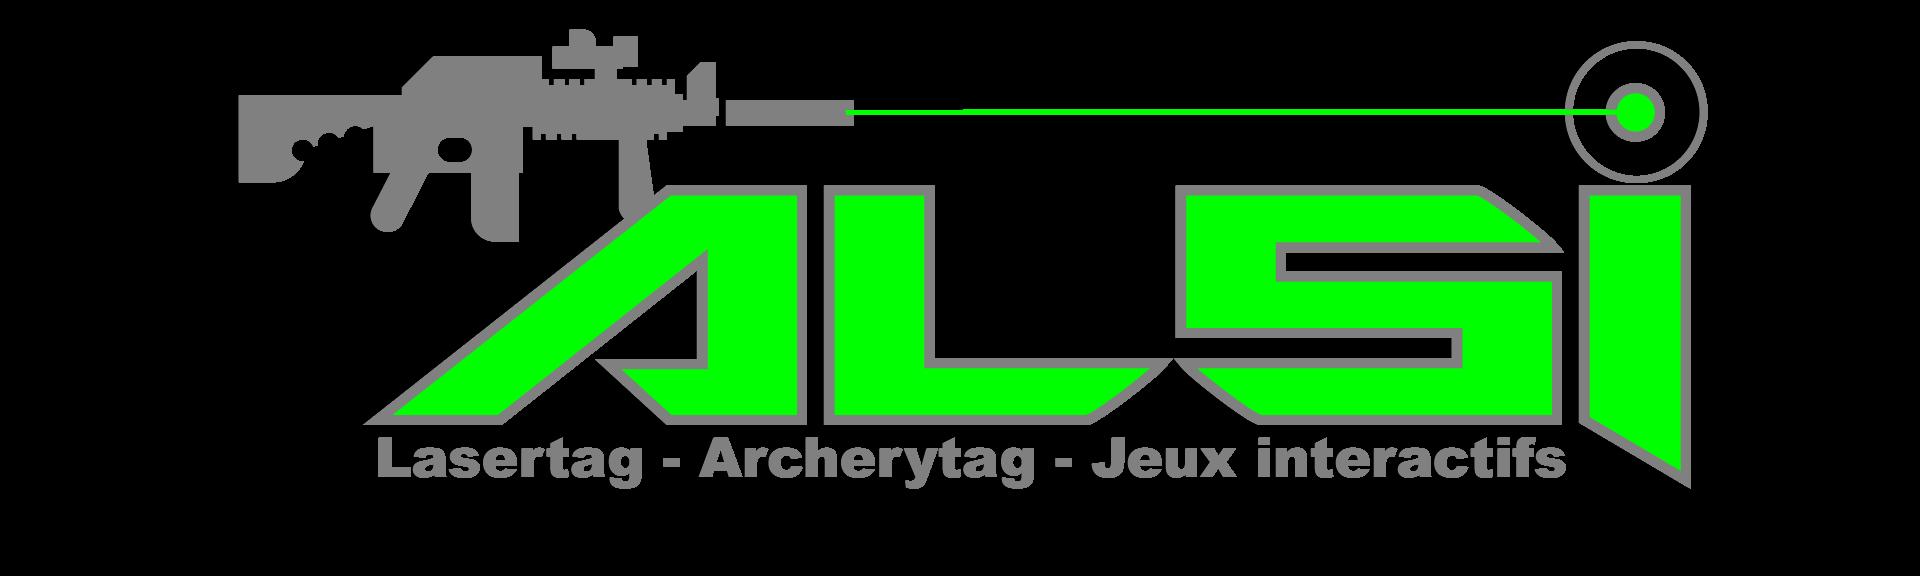 Alsi nc – Lasertag , Archerytag , Jeux interactifs en Nouvelle calédonie